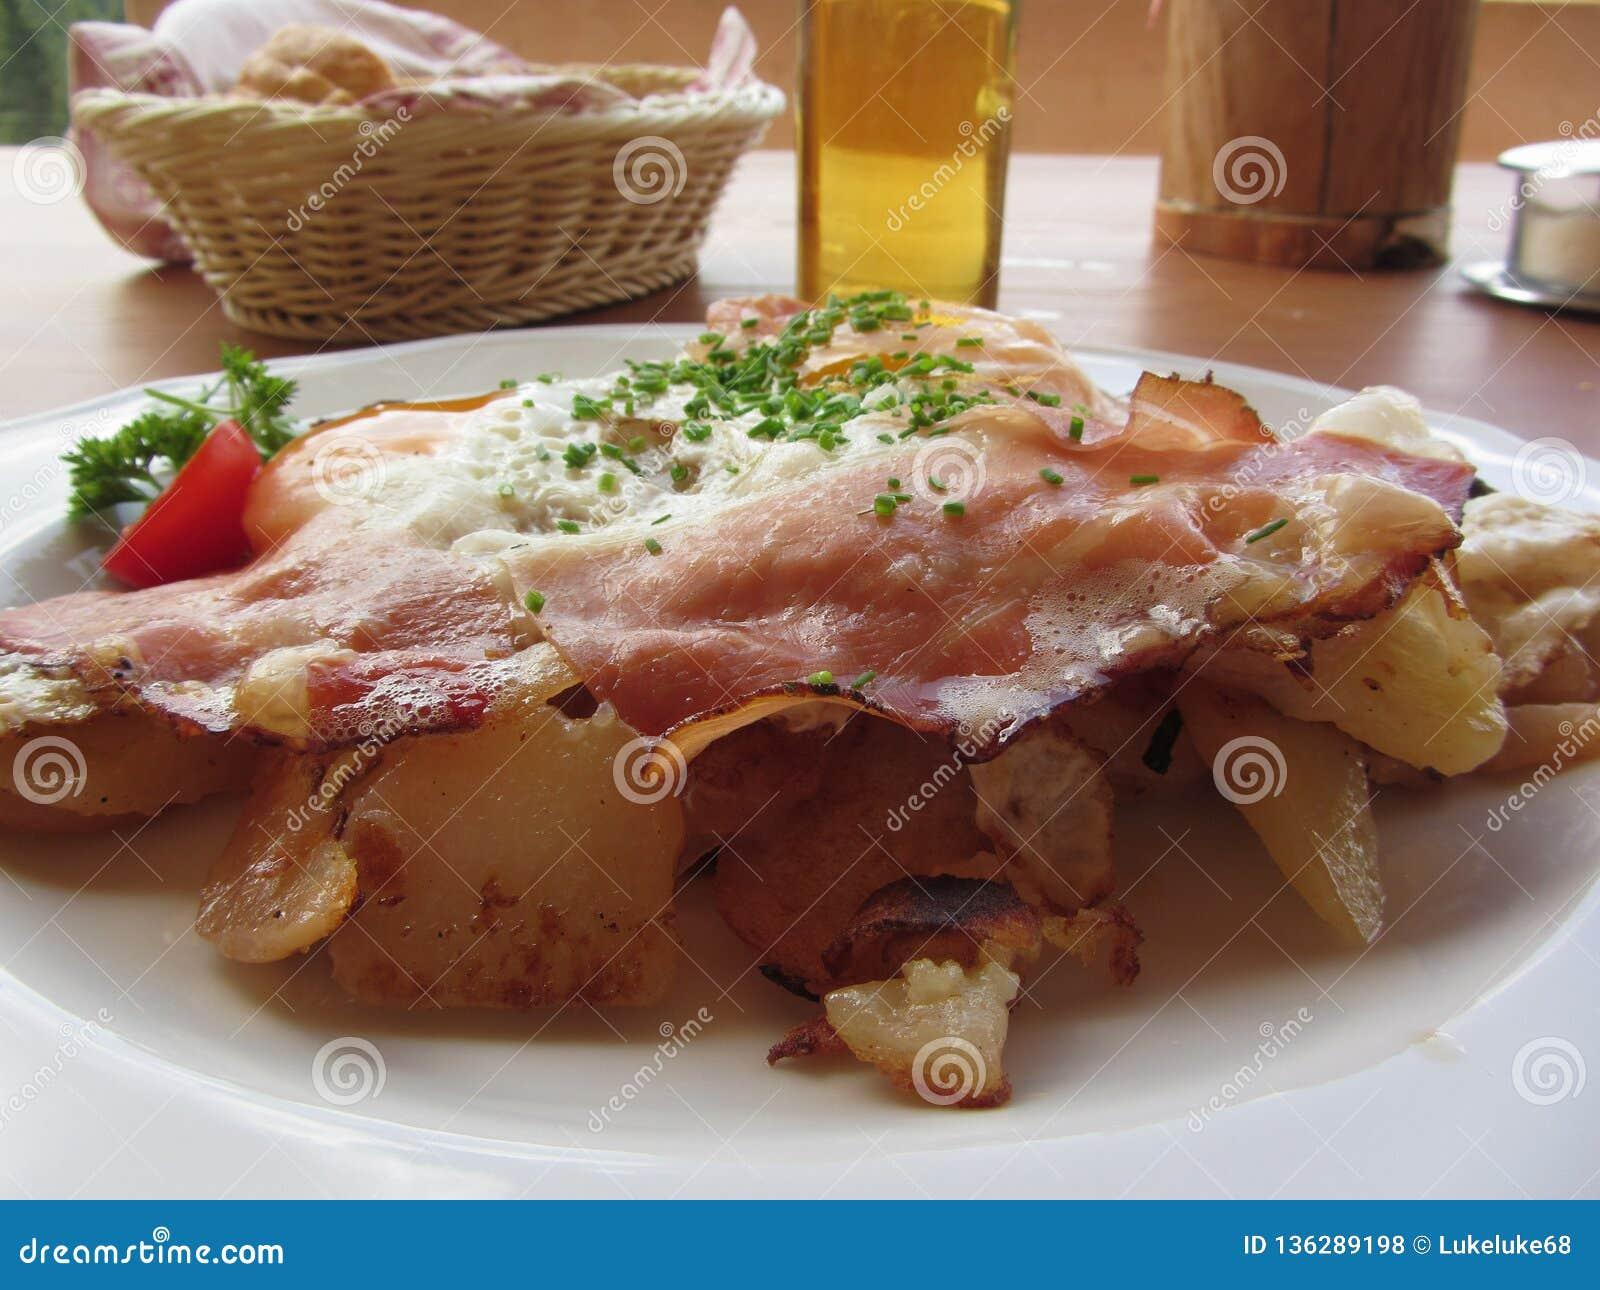 Χαρακτηριστικό νότιο τυρολέζικο πιάτο με speck, τα τηγανισμένα αυγά, τις πατάτες και το φρέσκο κρεμμύδι